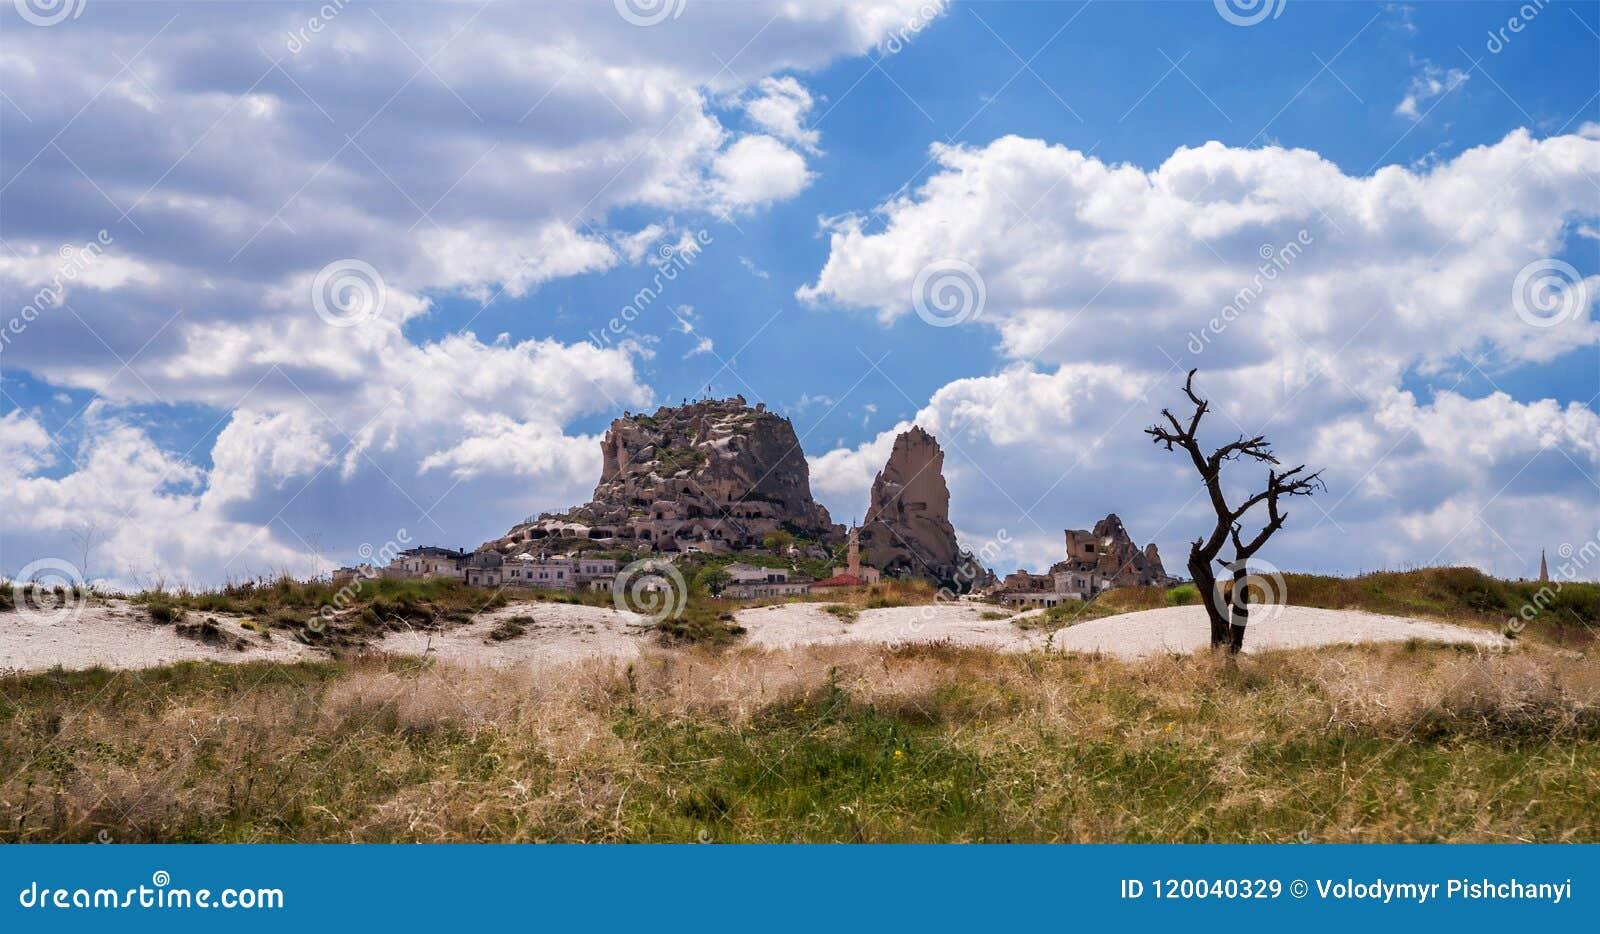 Panorama met Uchisar-kasteel en silhouet van een droge boom in Cappadocia, Turkije